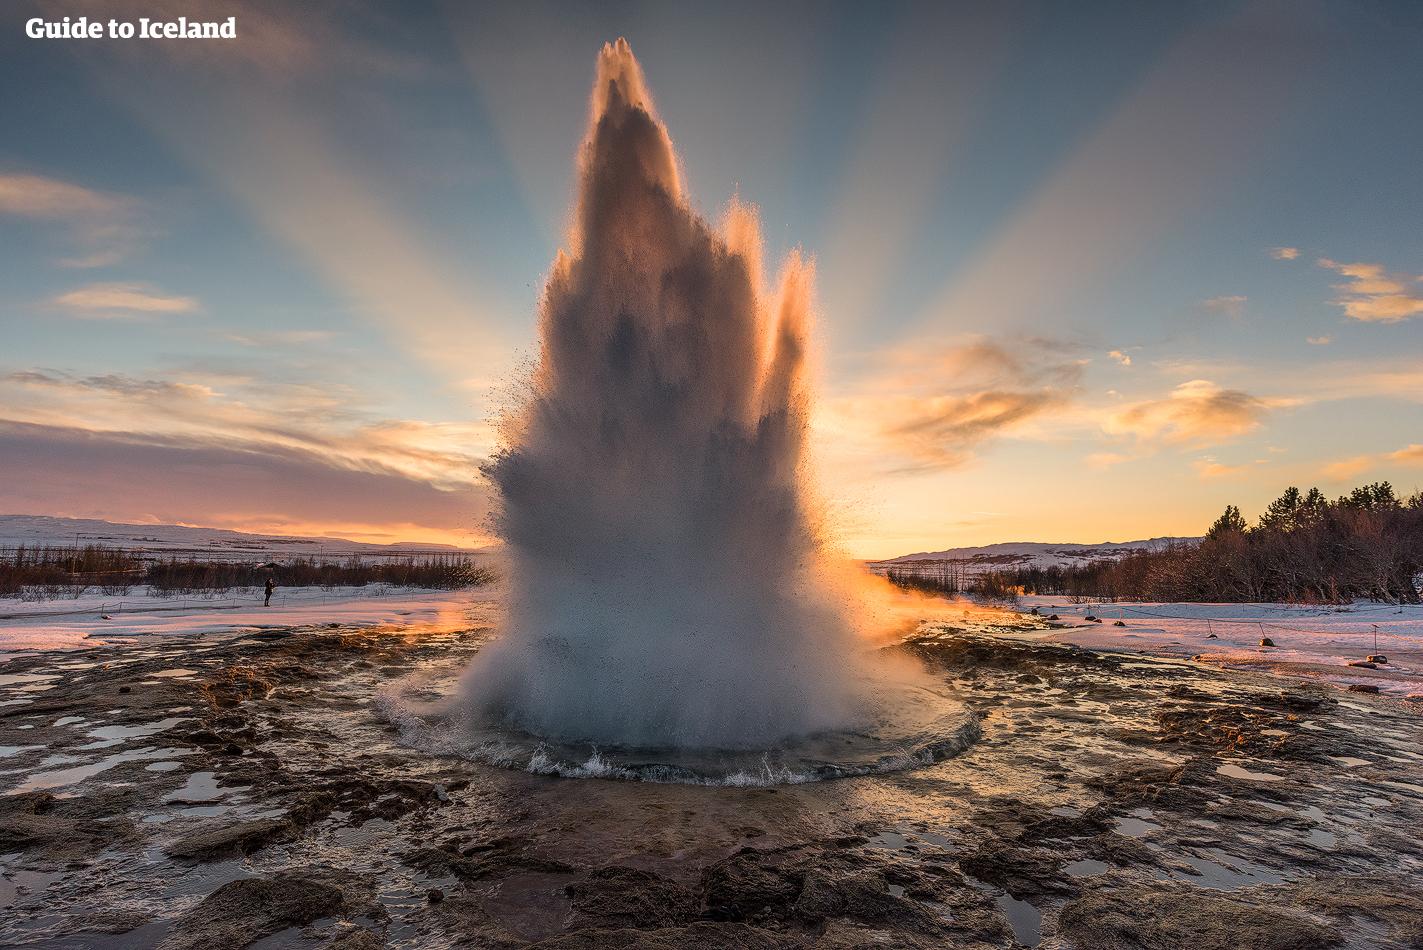 เที่ยวไอซ์แลนด์ช่วงไหนดีที่สุด   สภาพอากาศประเทศไอซ์แลนด์